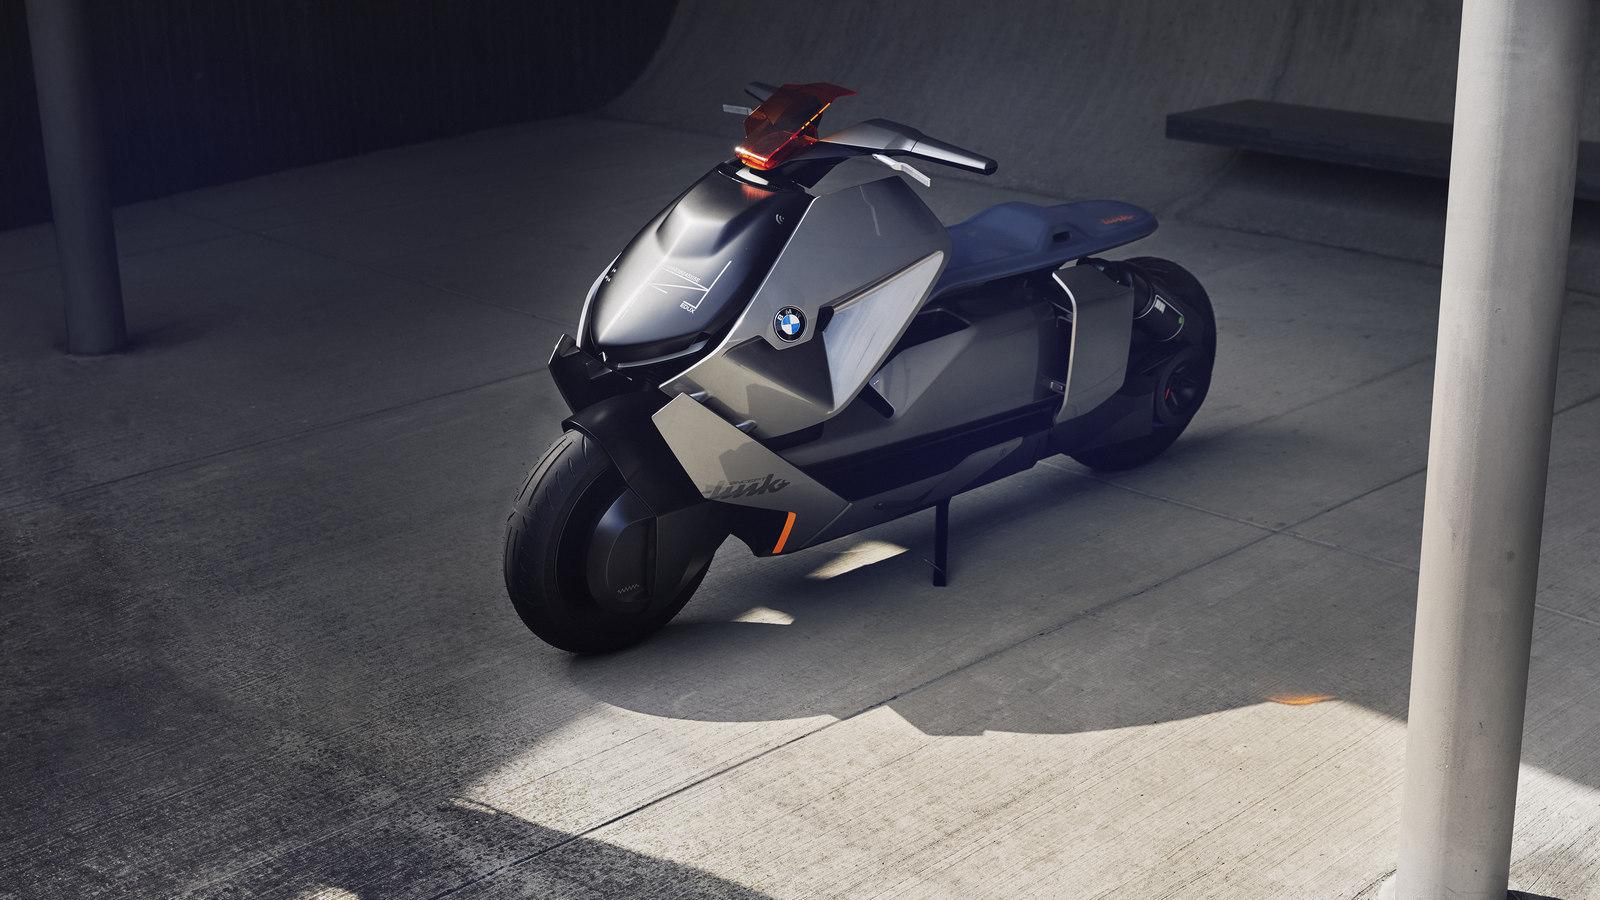 bmw_motorrad-link-concept-1